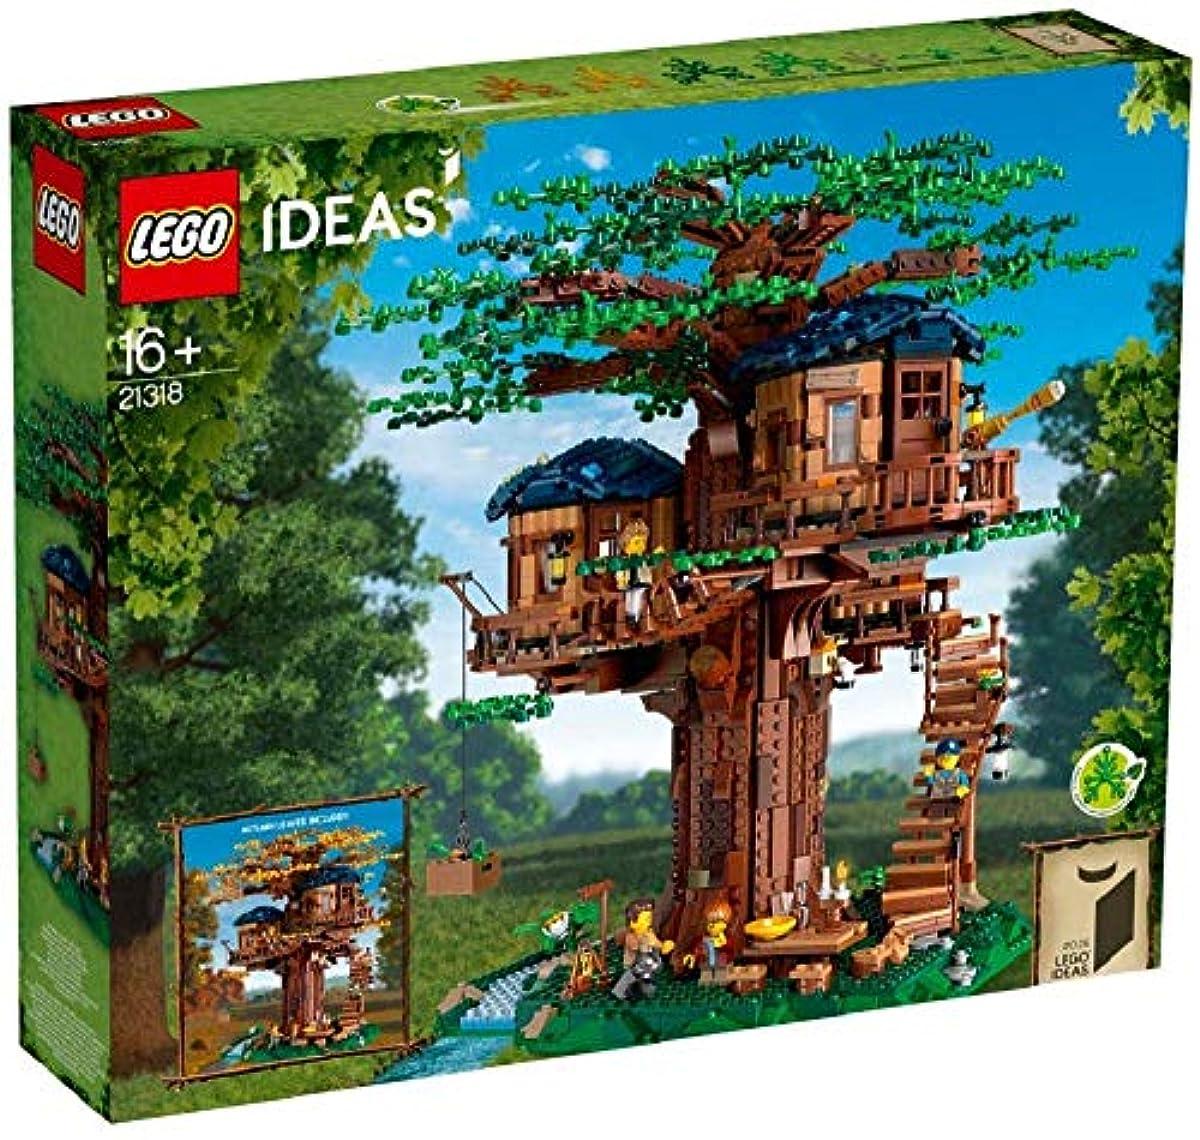 [해외] 레고(LEGO) 아이디어 트리 하우스 21318 블럭 장난감